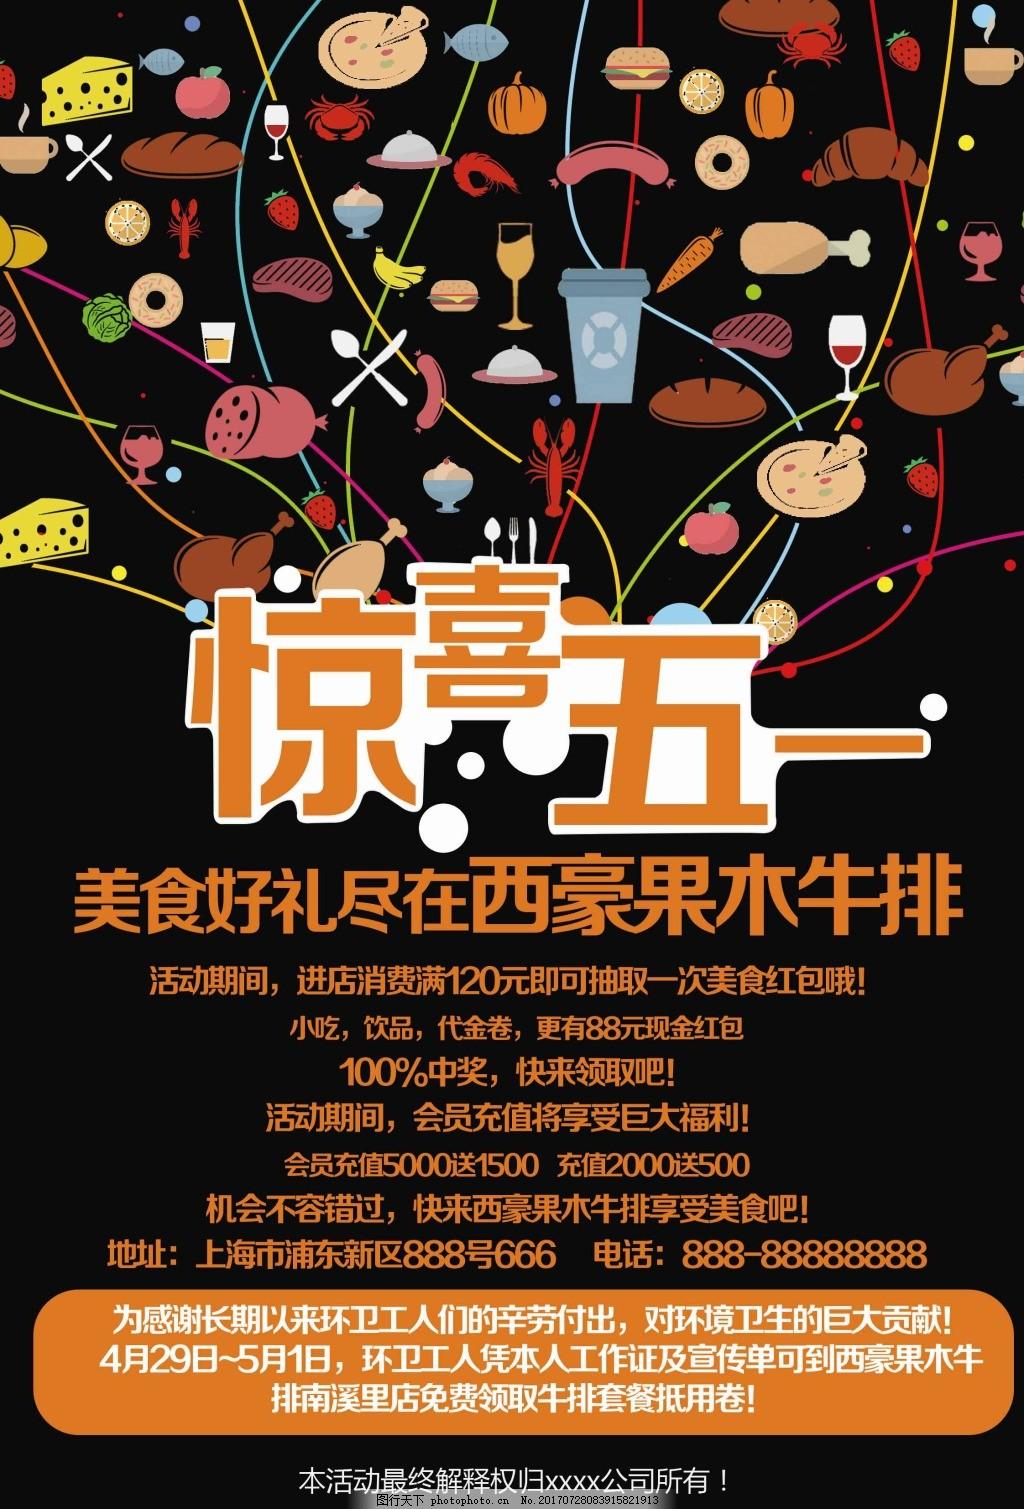 西餐五一活动海报 节日 促销 美食